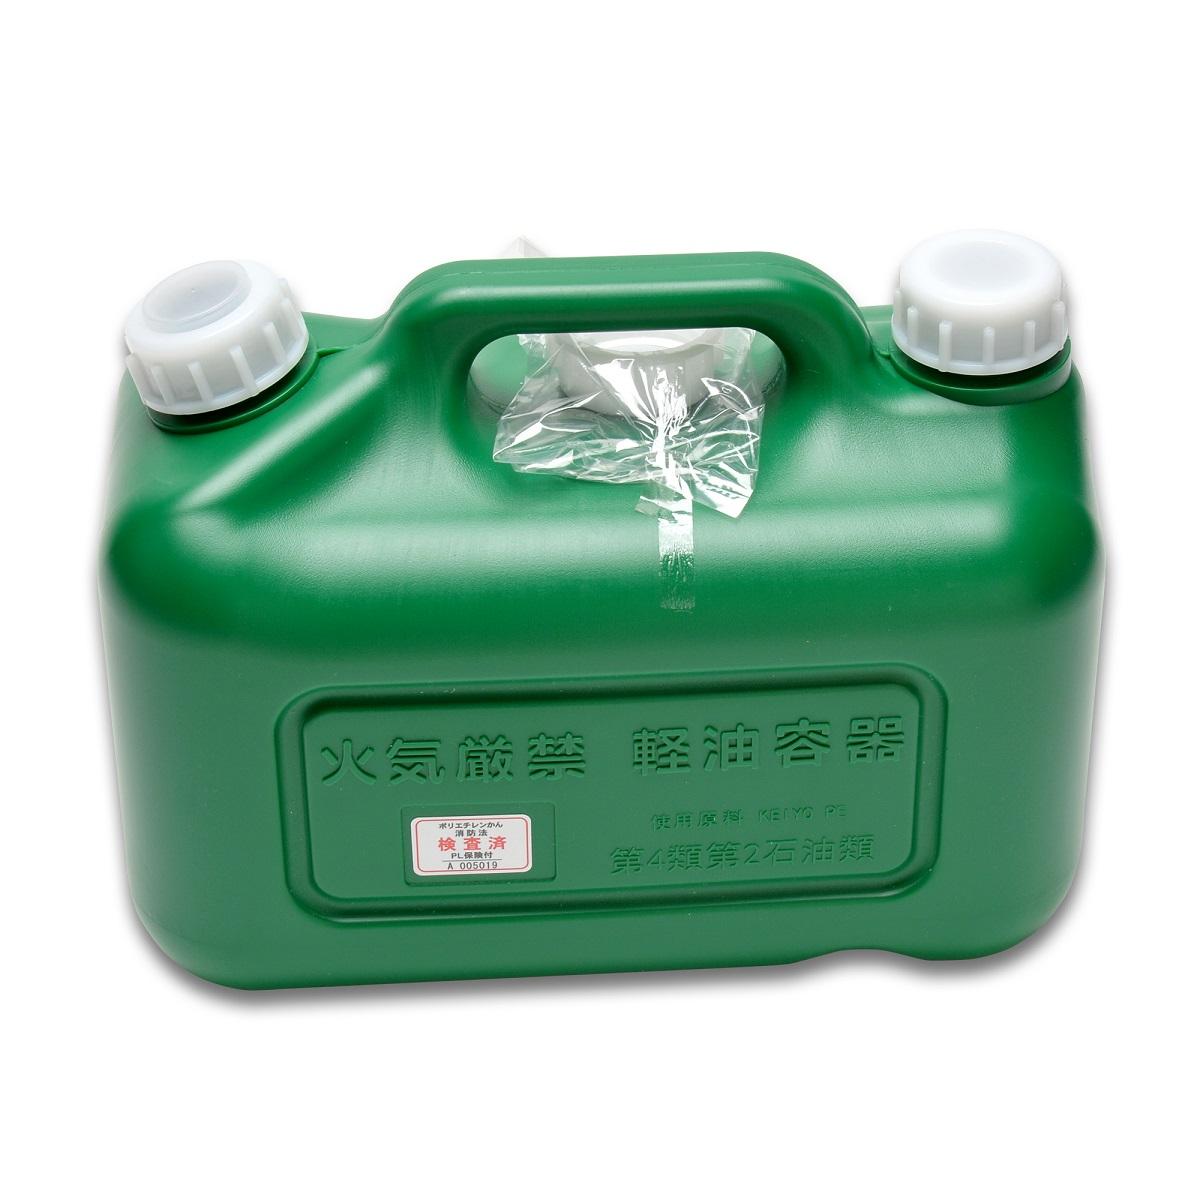 消防法の検査に適合した軽油缶です 1~4個まで1個口です 10L軽油缶 緑 消防法適合品 新色追加 新品未使用 ポリ缶 ポリタンク ノズル付 保管用キャップ1個付 軽油タンク 軽油缶 10L